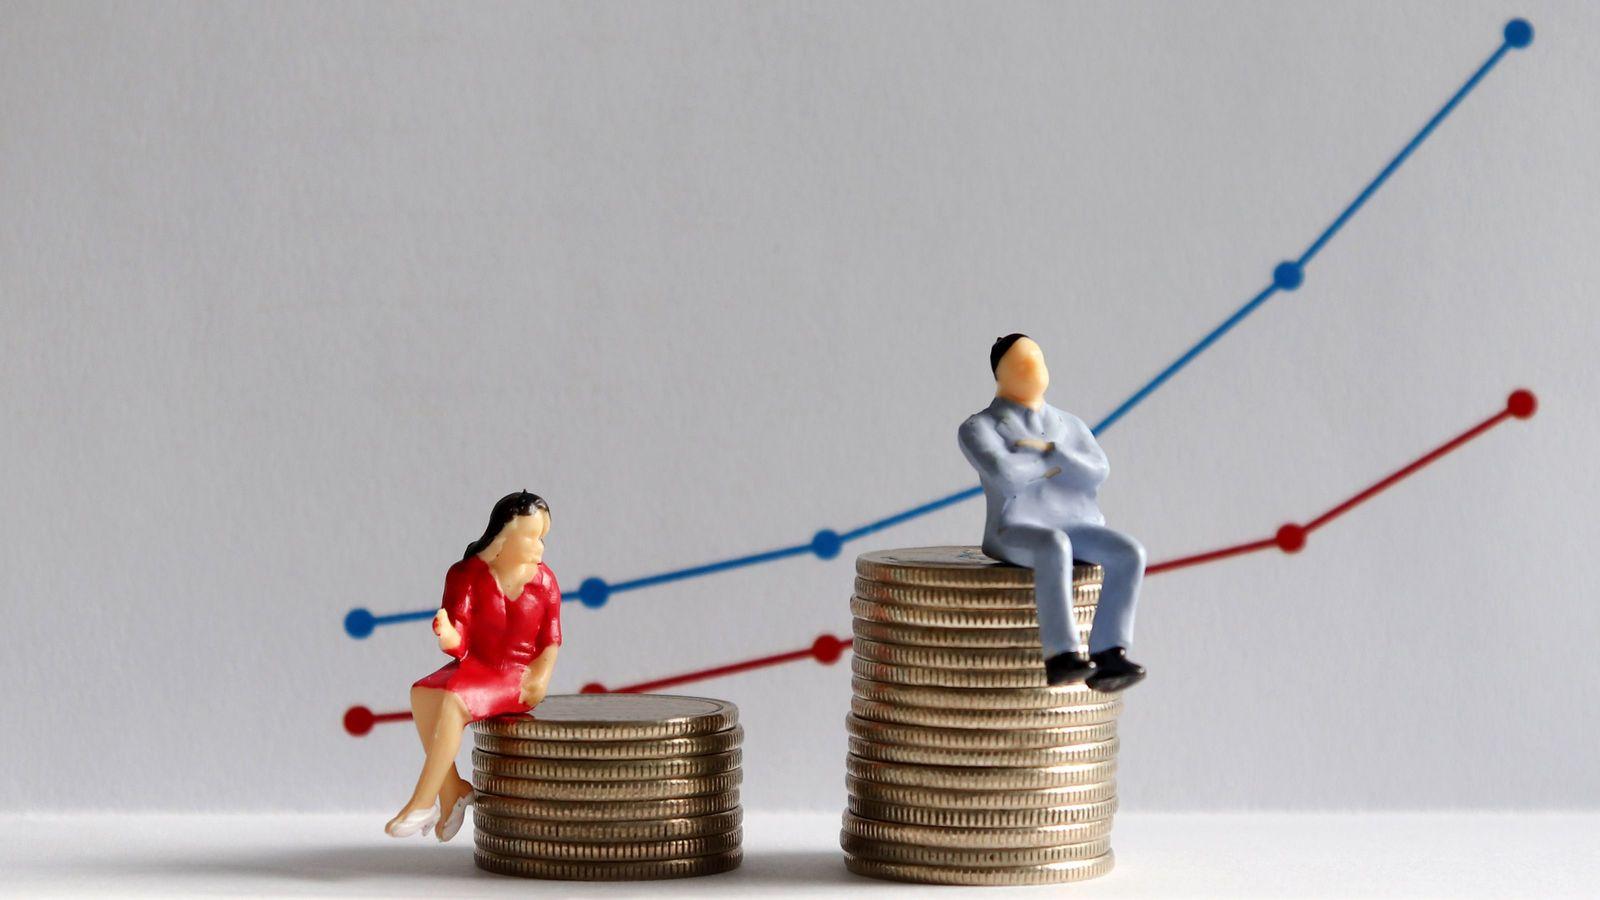 なぜ日本では「男女の賃金格差」がまだあるのか 諸外国からみれば異常な状況にある